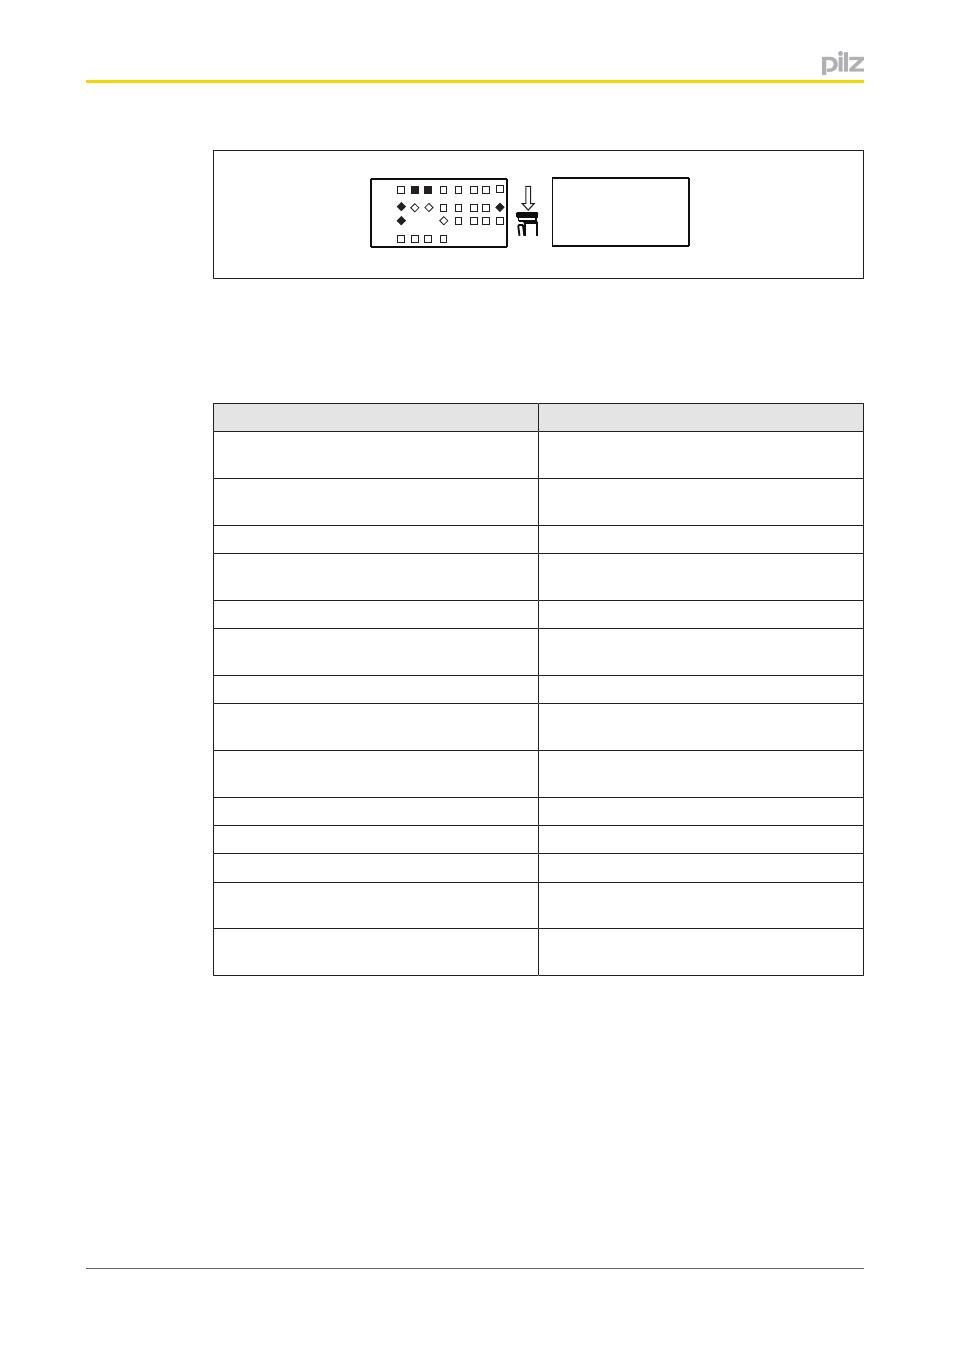 pilz-pnoz-s4-wiring-diagram-4 Pnoz S C Wiring Diagram on